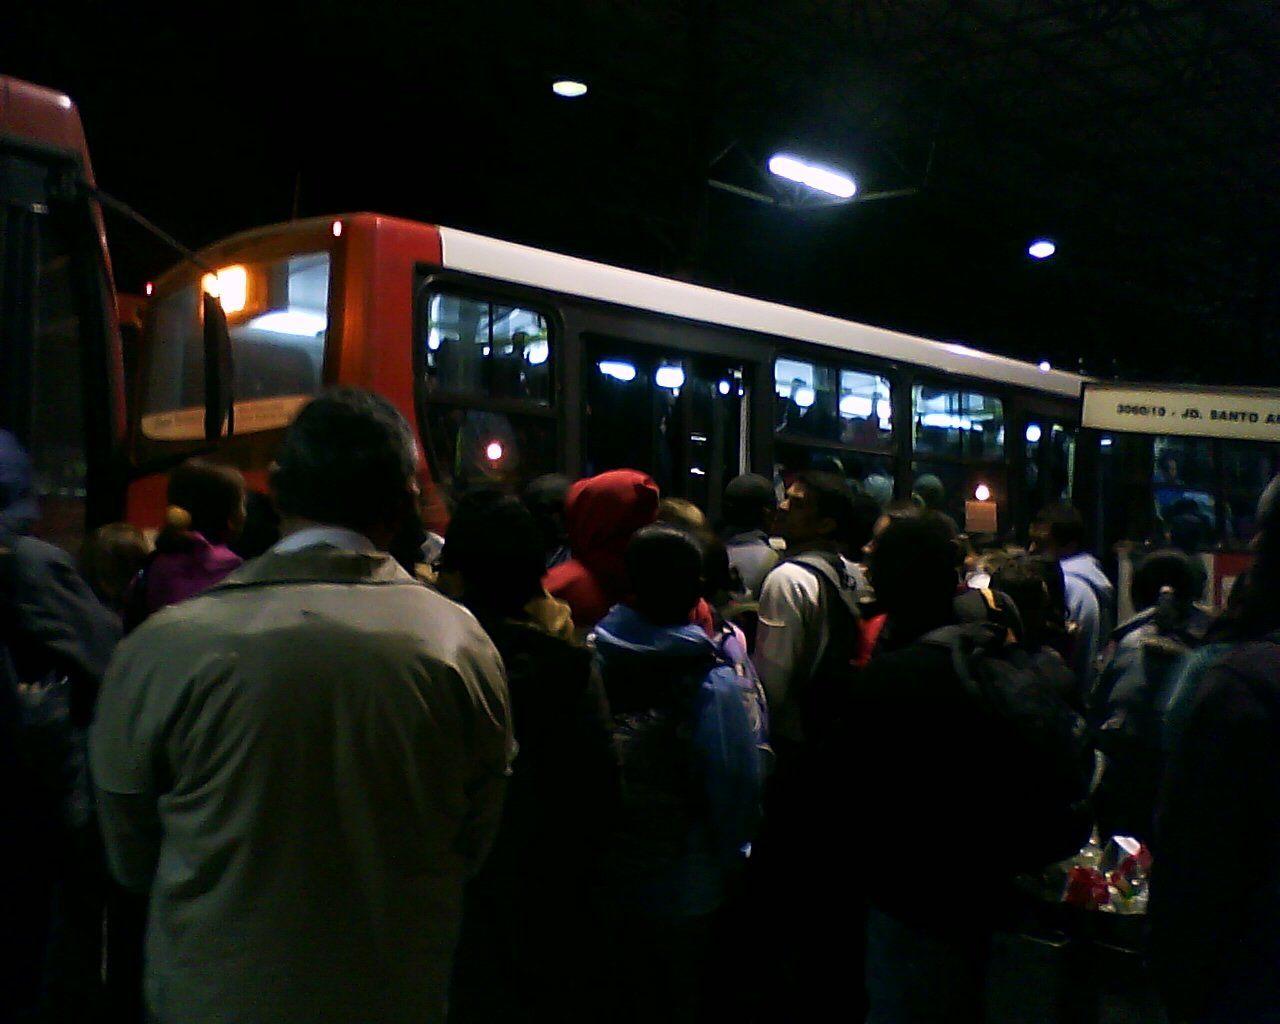 """O Coletivo Luta do Transporte no Extremo Sul lançou o documentário Terminal Grajaú: Humilhação Coletiva, que mostra o martírio diário de trabalhadores no transporte público na zona sul da cidade. Com ônibus lotados, filas intermináveis e longas esperas, as pessoas que dependem do transporte público perdem até quatro horas por dia na locomoção. Os depoimentos...<br /><a class=""""more-link""""…"""